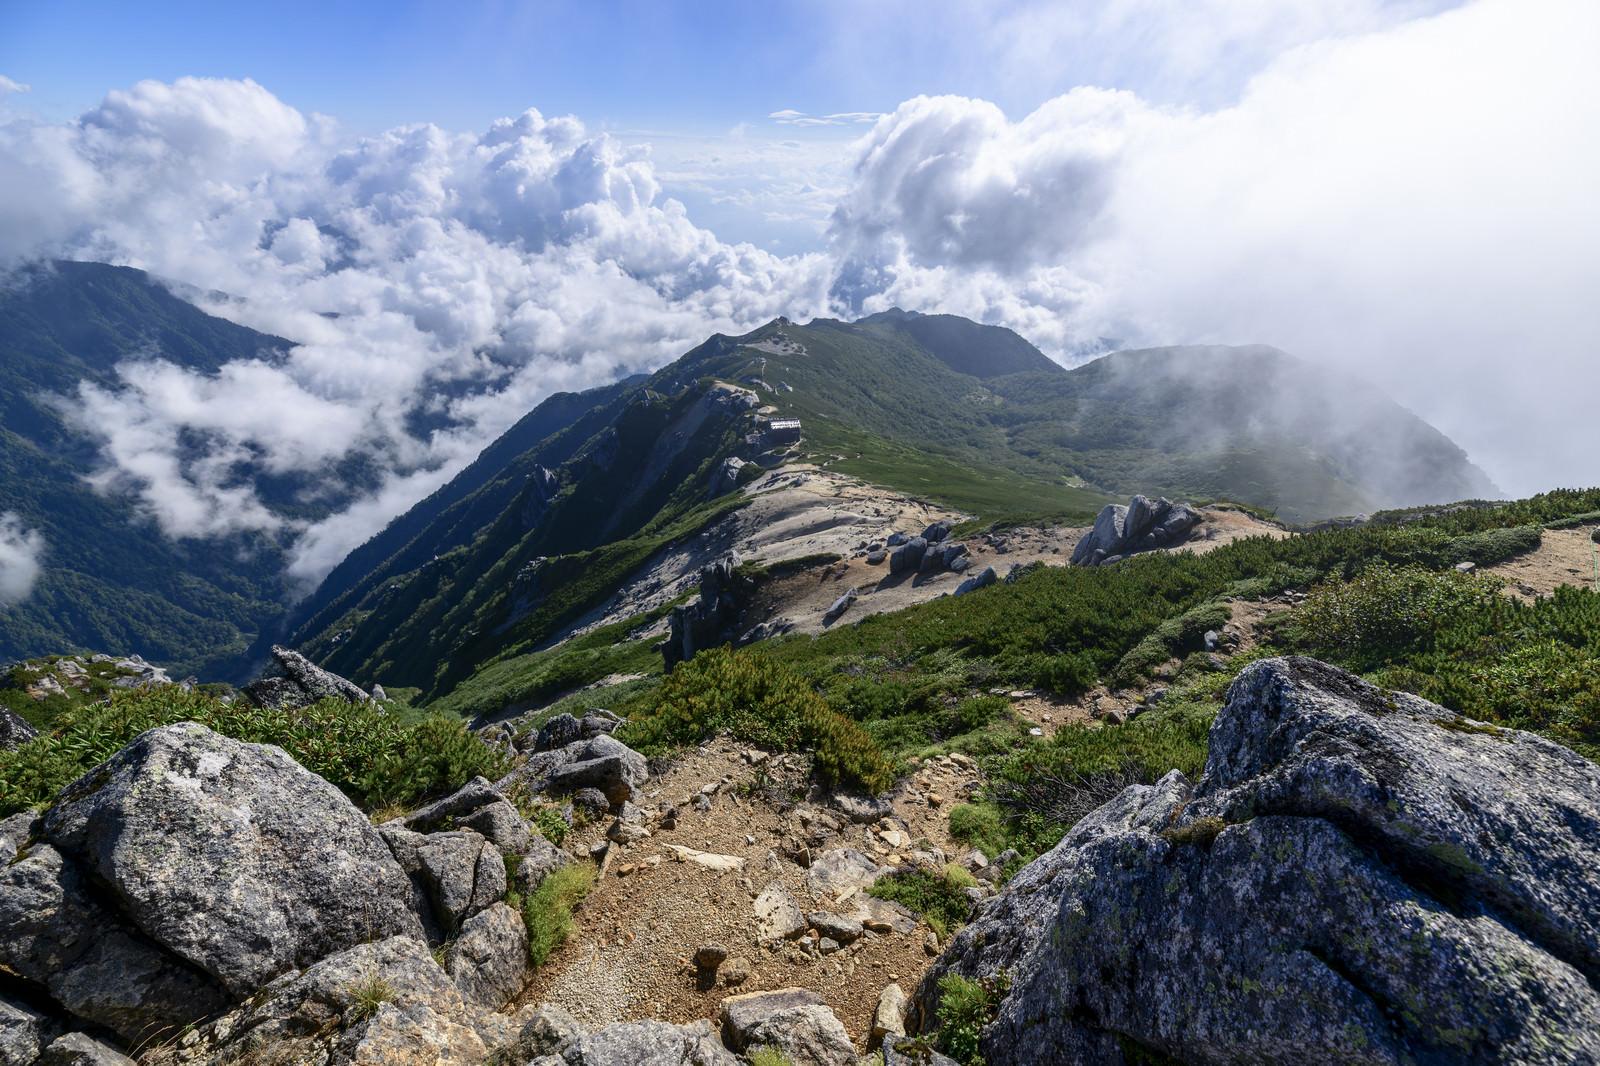 「巨大な雲が迫りくる駒峰ヒュッテと稜線」の写真